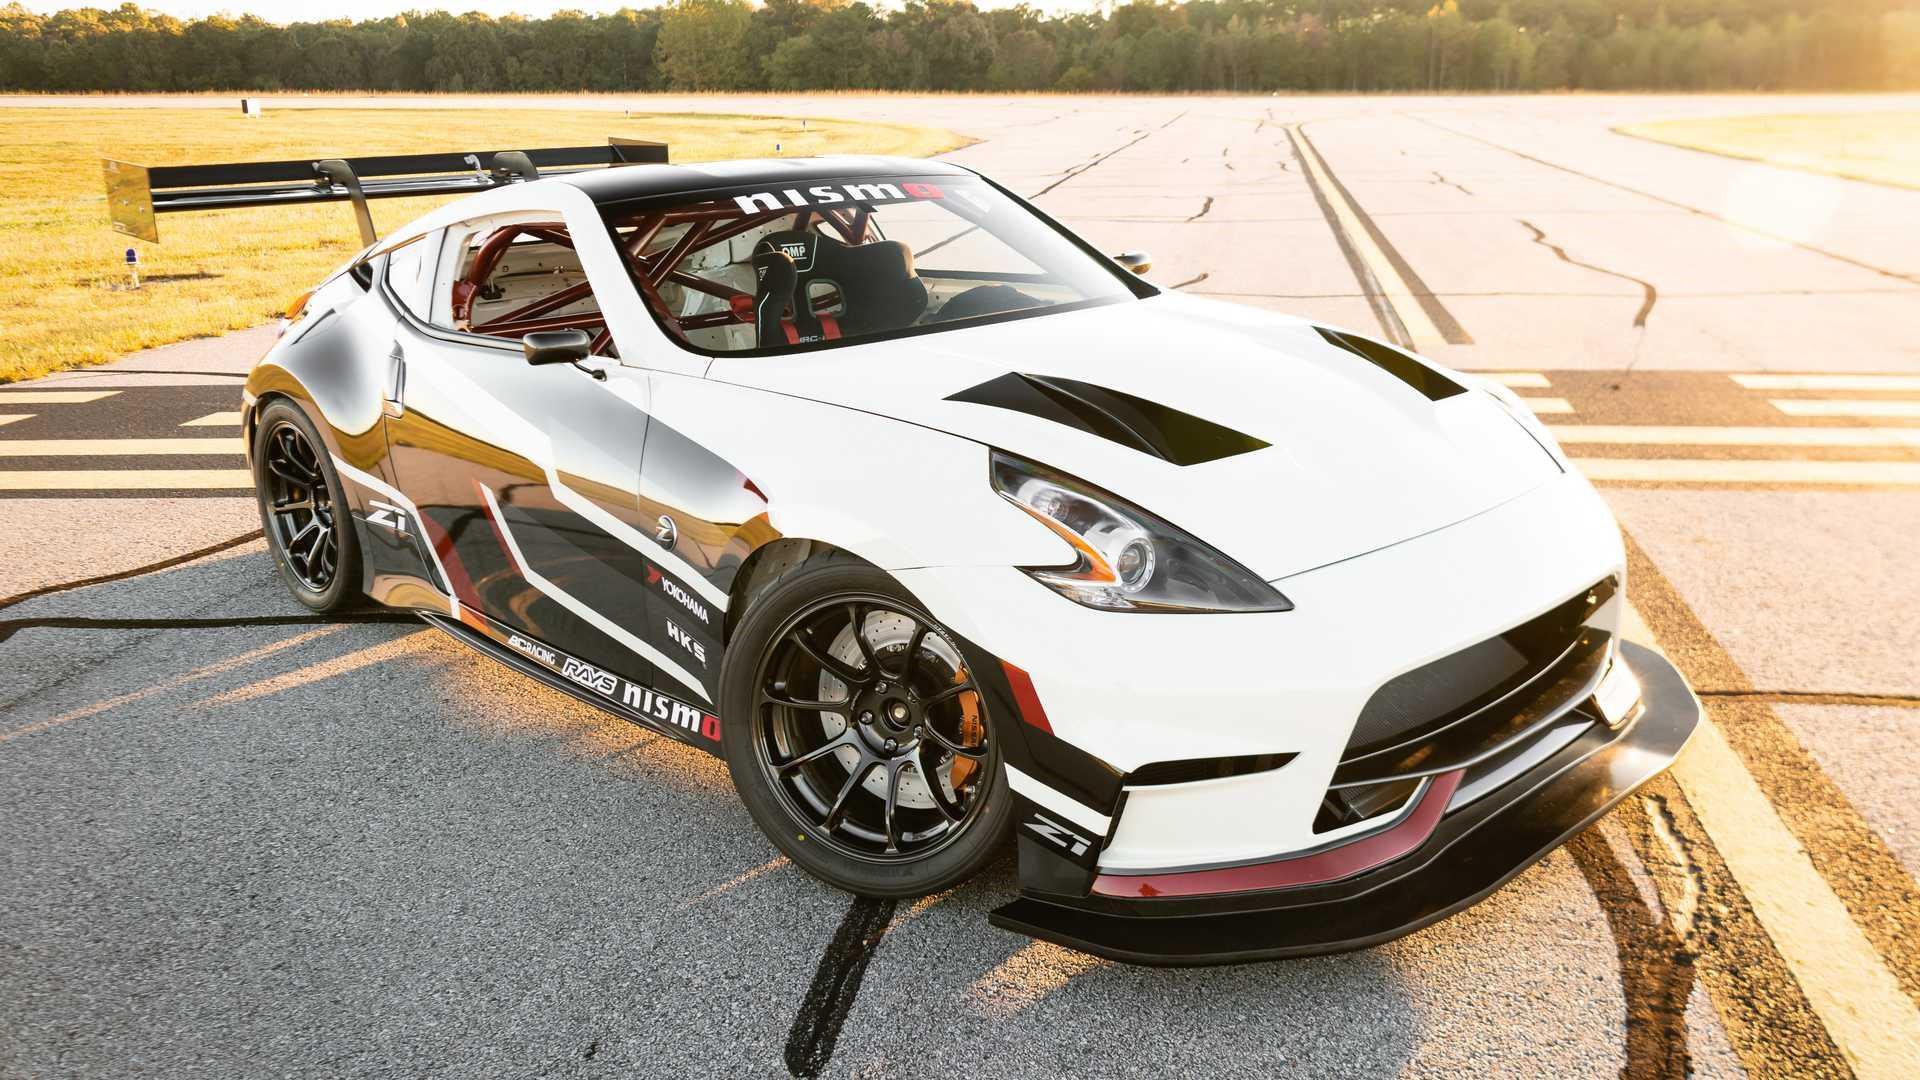 nissan-370z-by-z1-motorsports-une-bete-de-course-1147-1.jpg